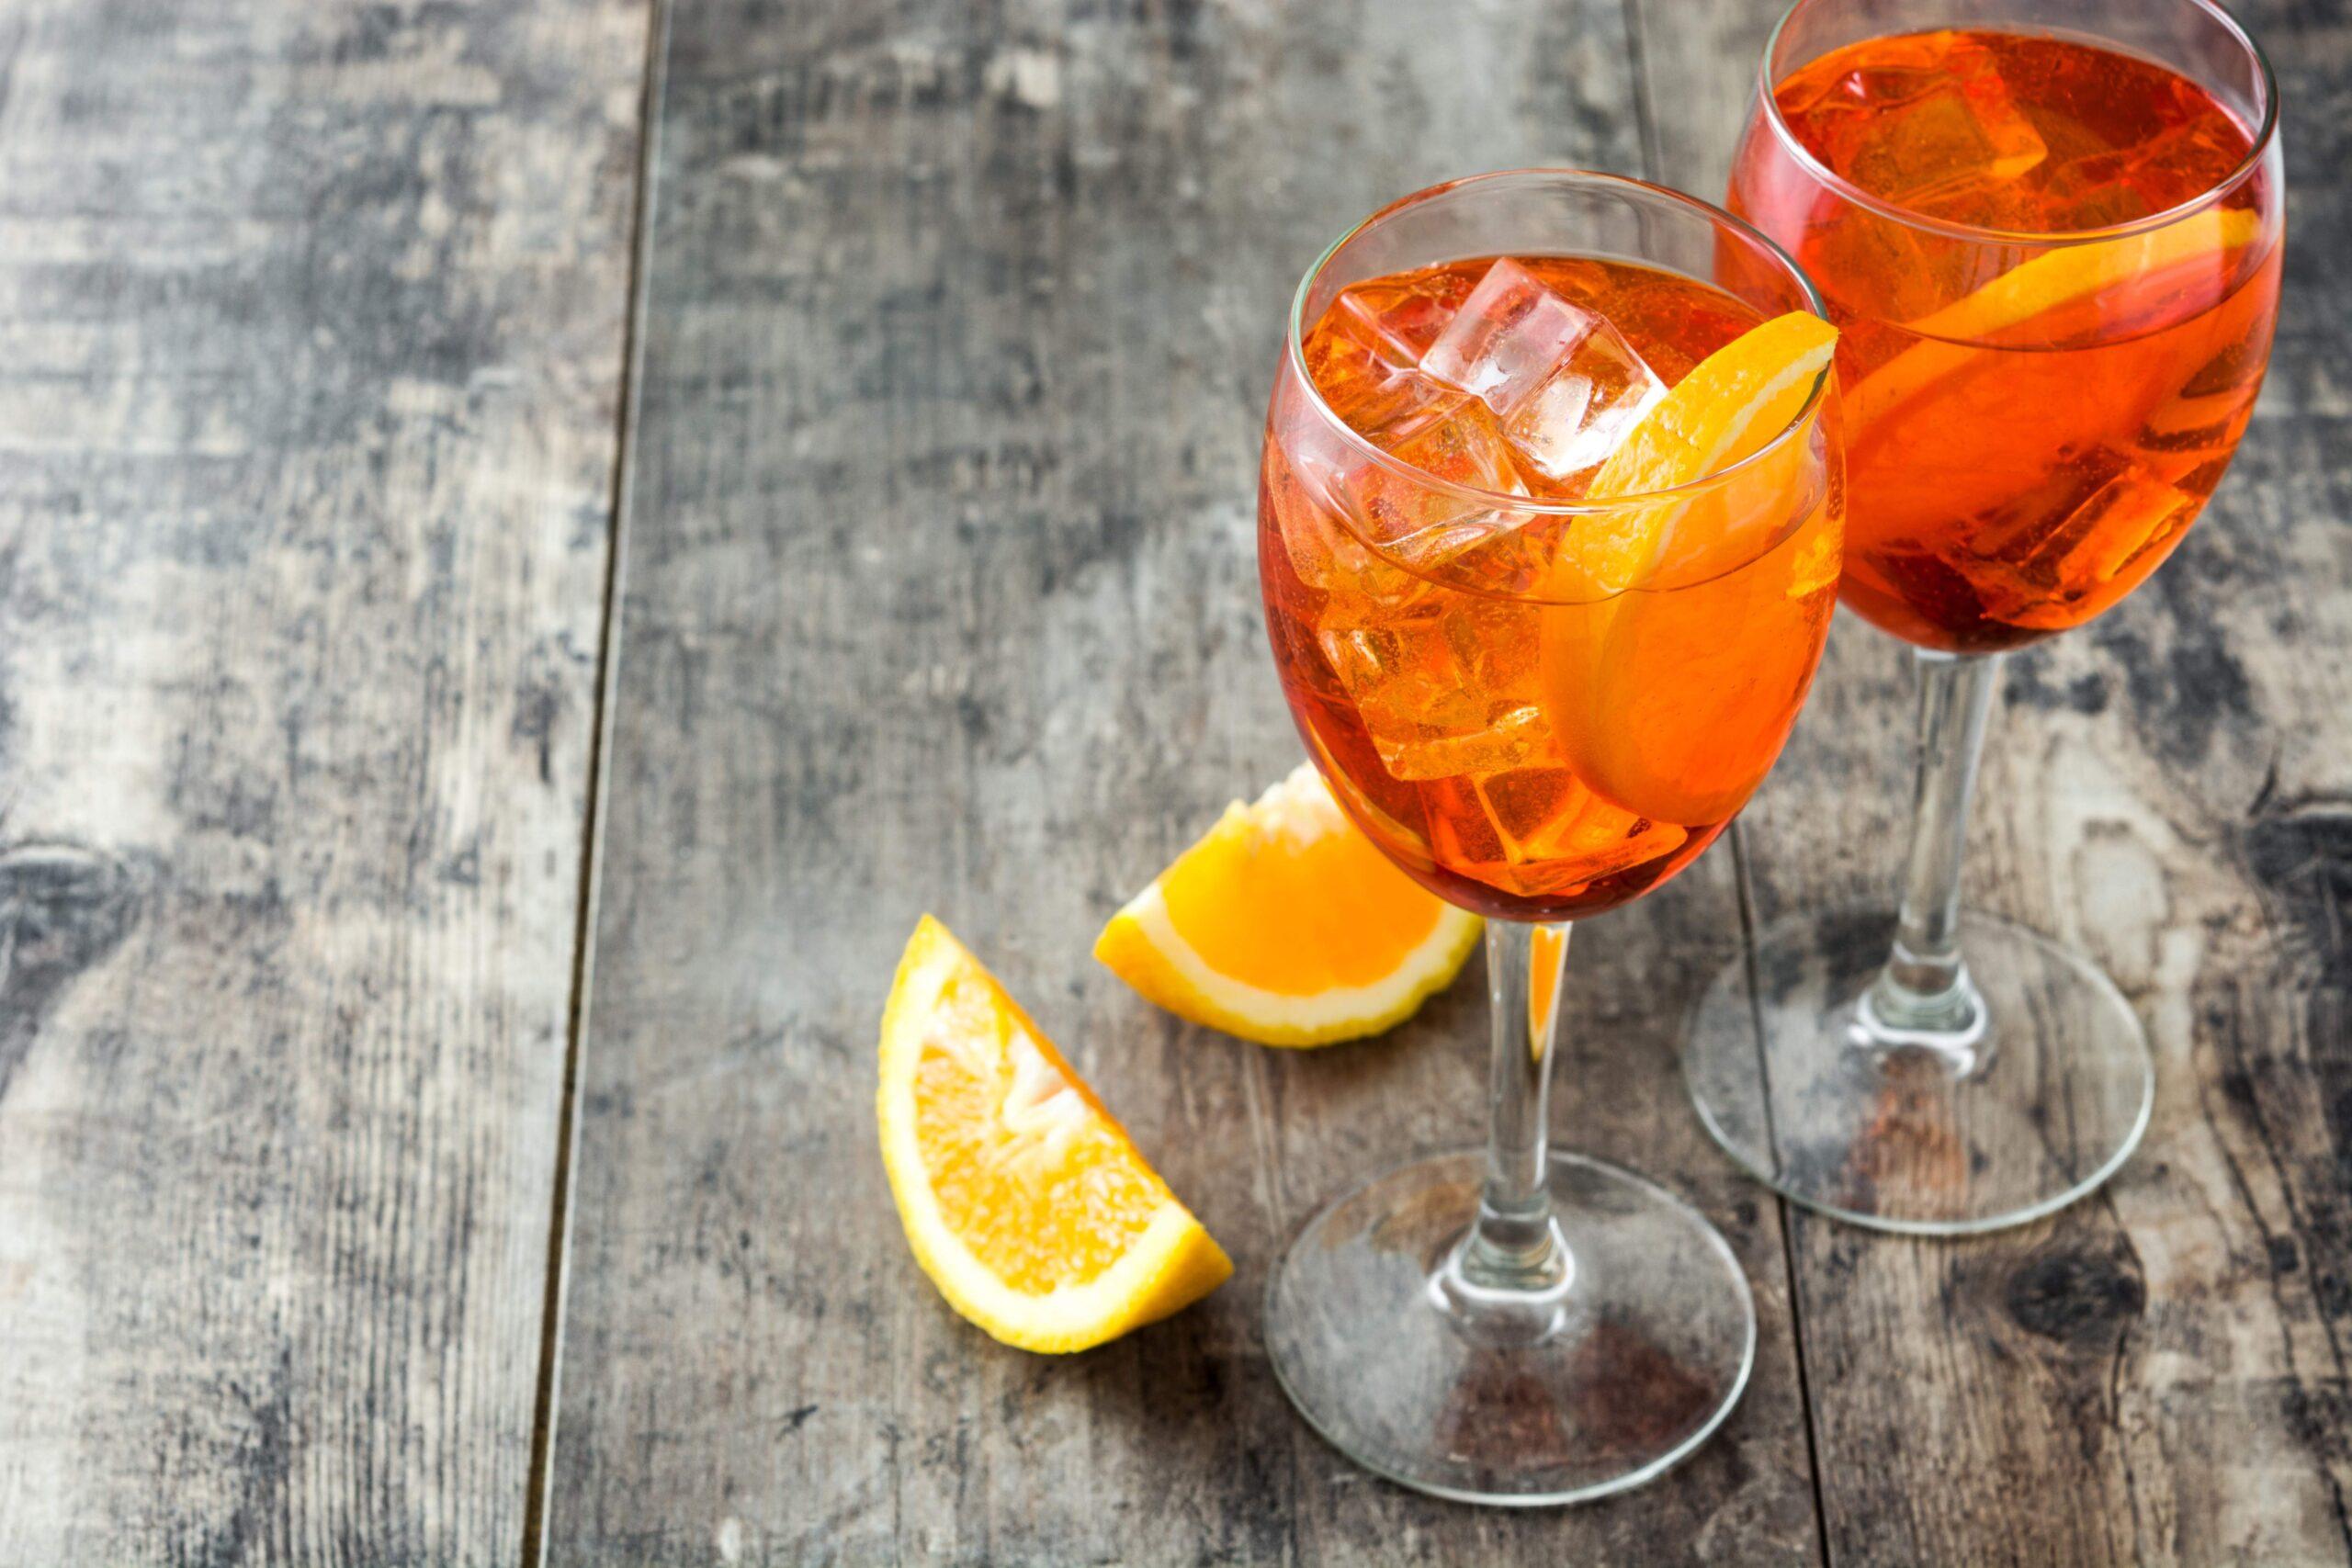 Spritz Ricetta Con Acqua Frizzante.Spritz Ingredienti Preparazione E Consigli Newscucina It